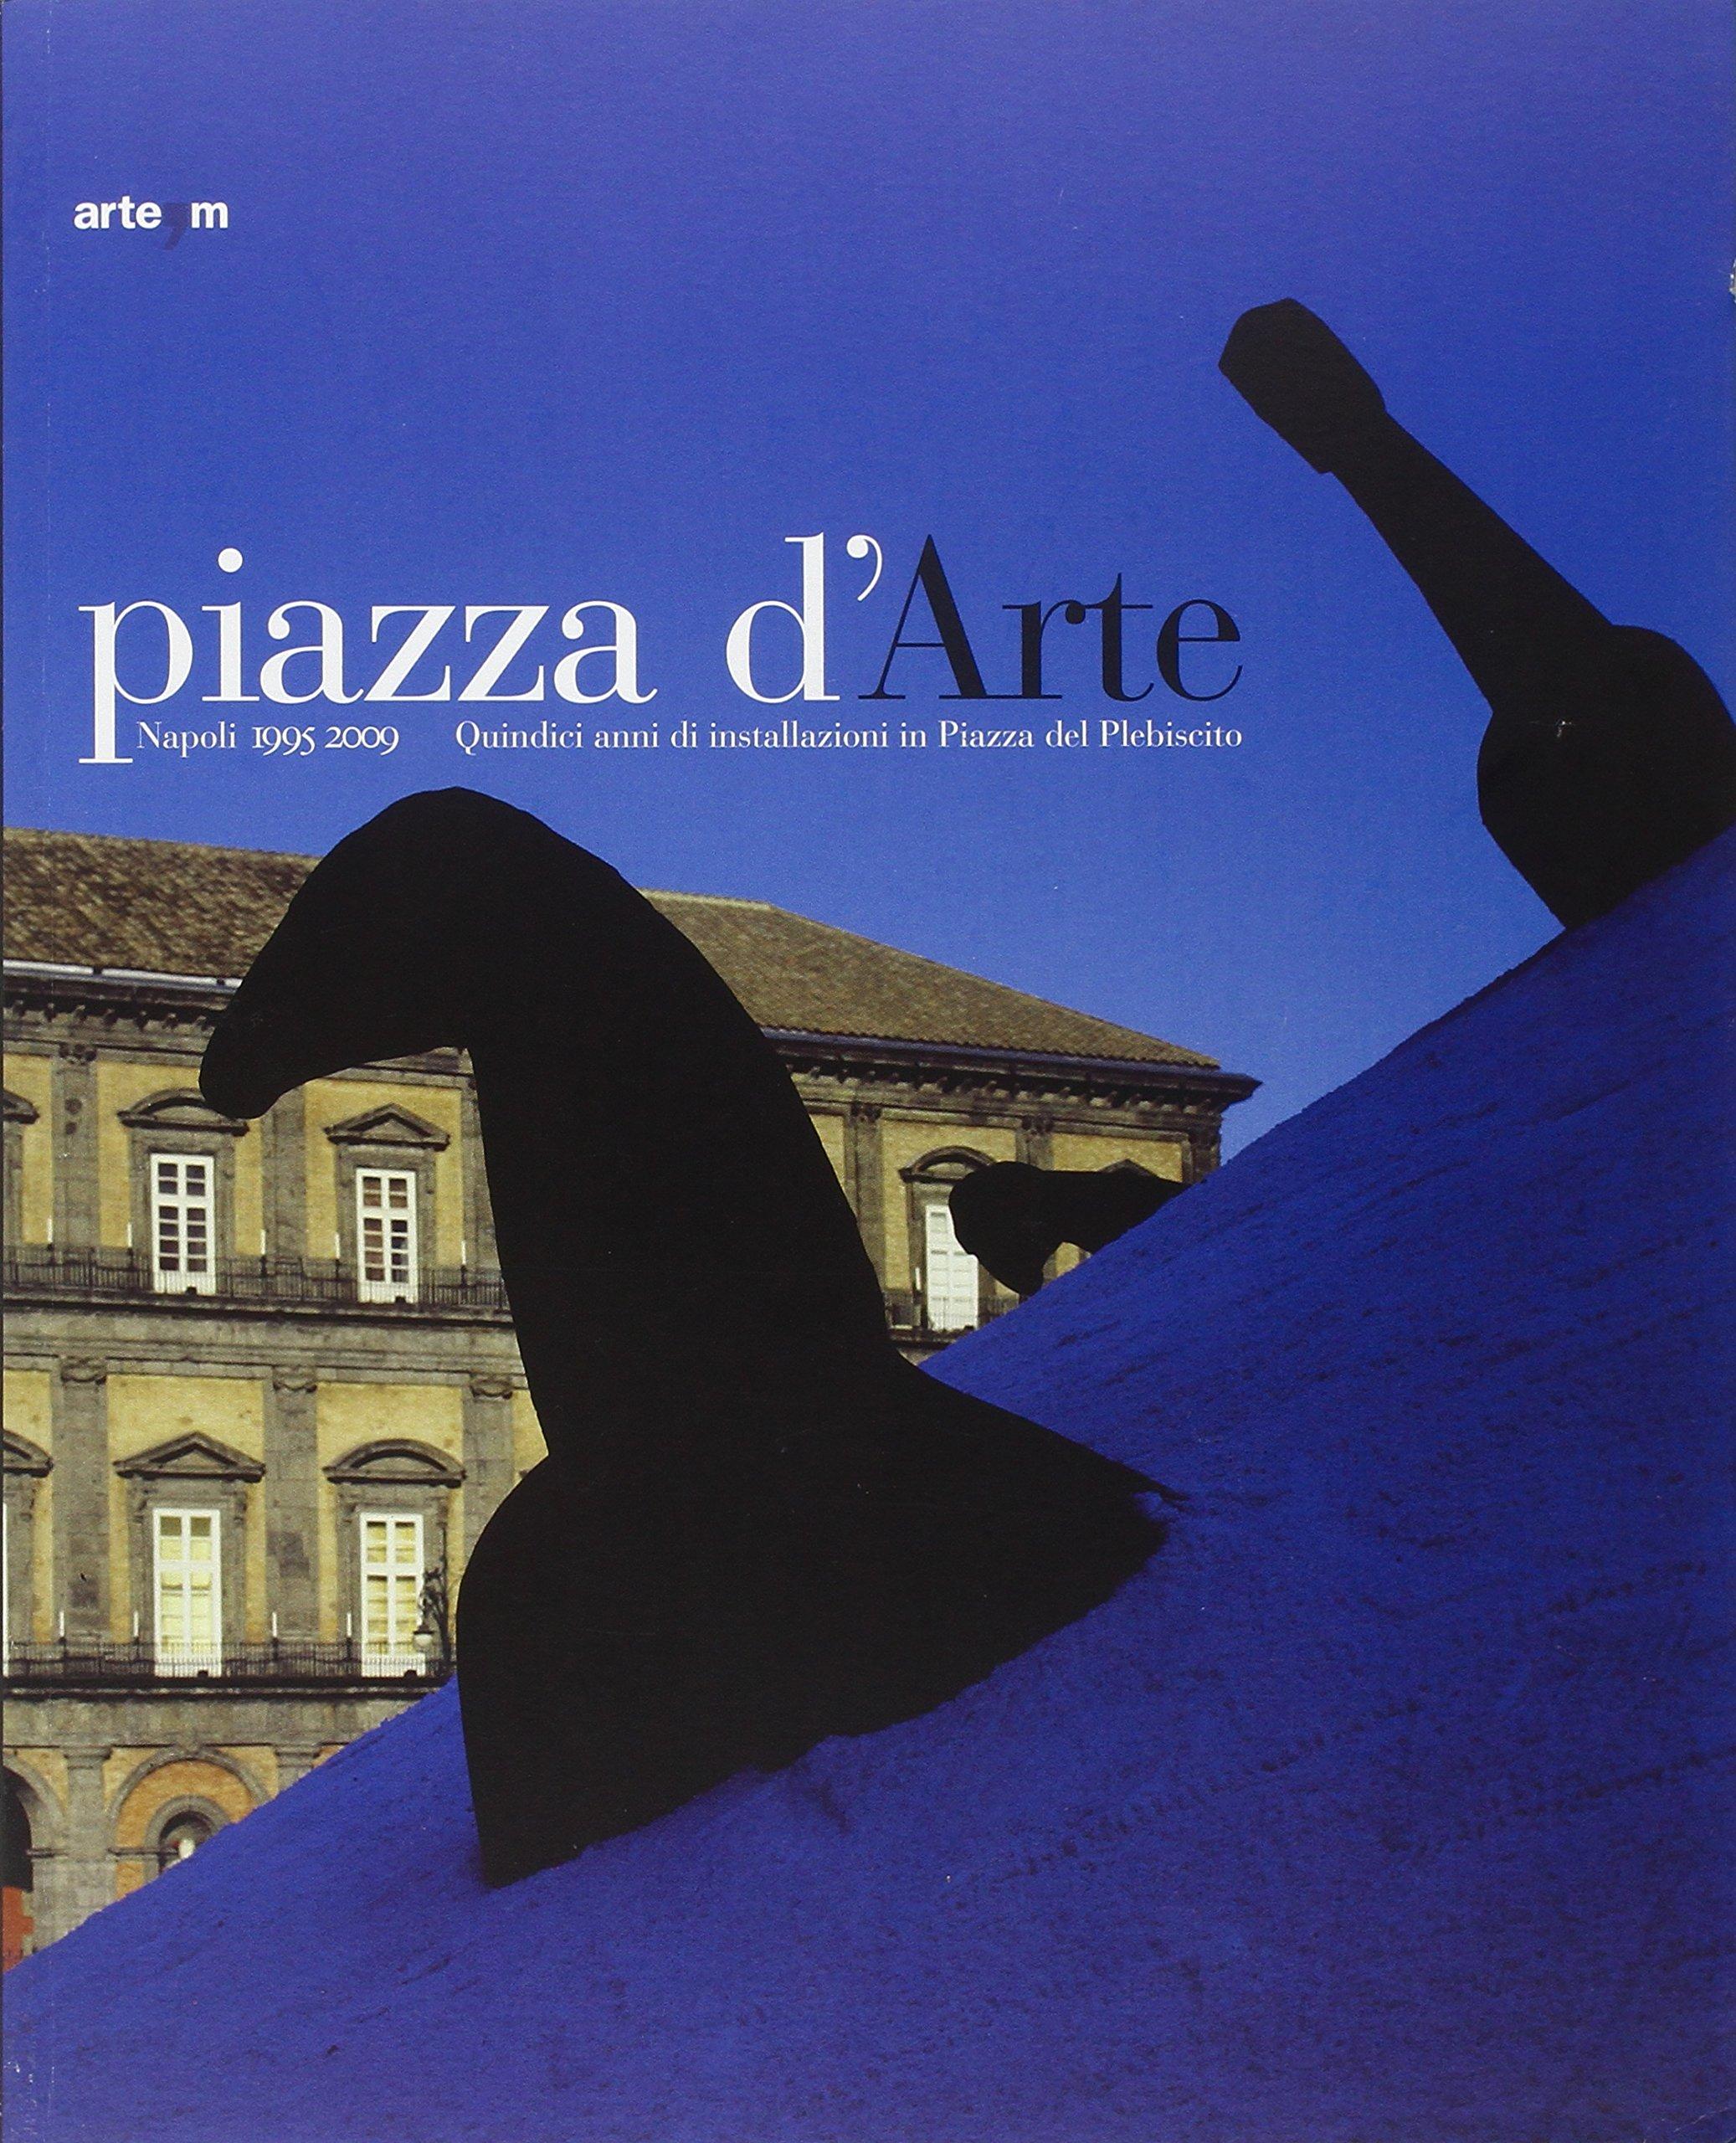 Piazza d'arte. Napoli 1995-2009. Quindici anni di installazioni in Piazza del Plebiscito. Catalogo della mostra (Roma, 27-30 maggio 2010) PDF